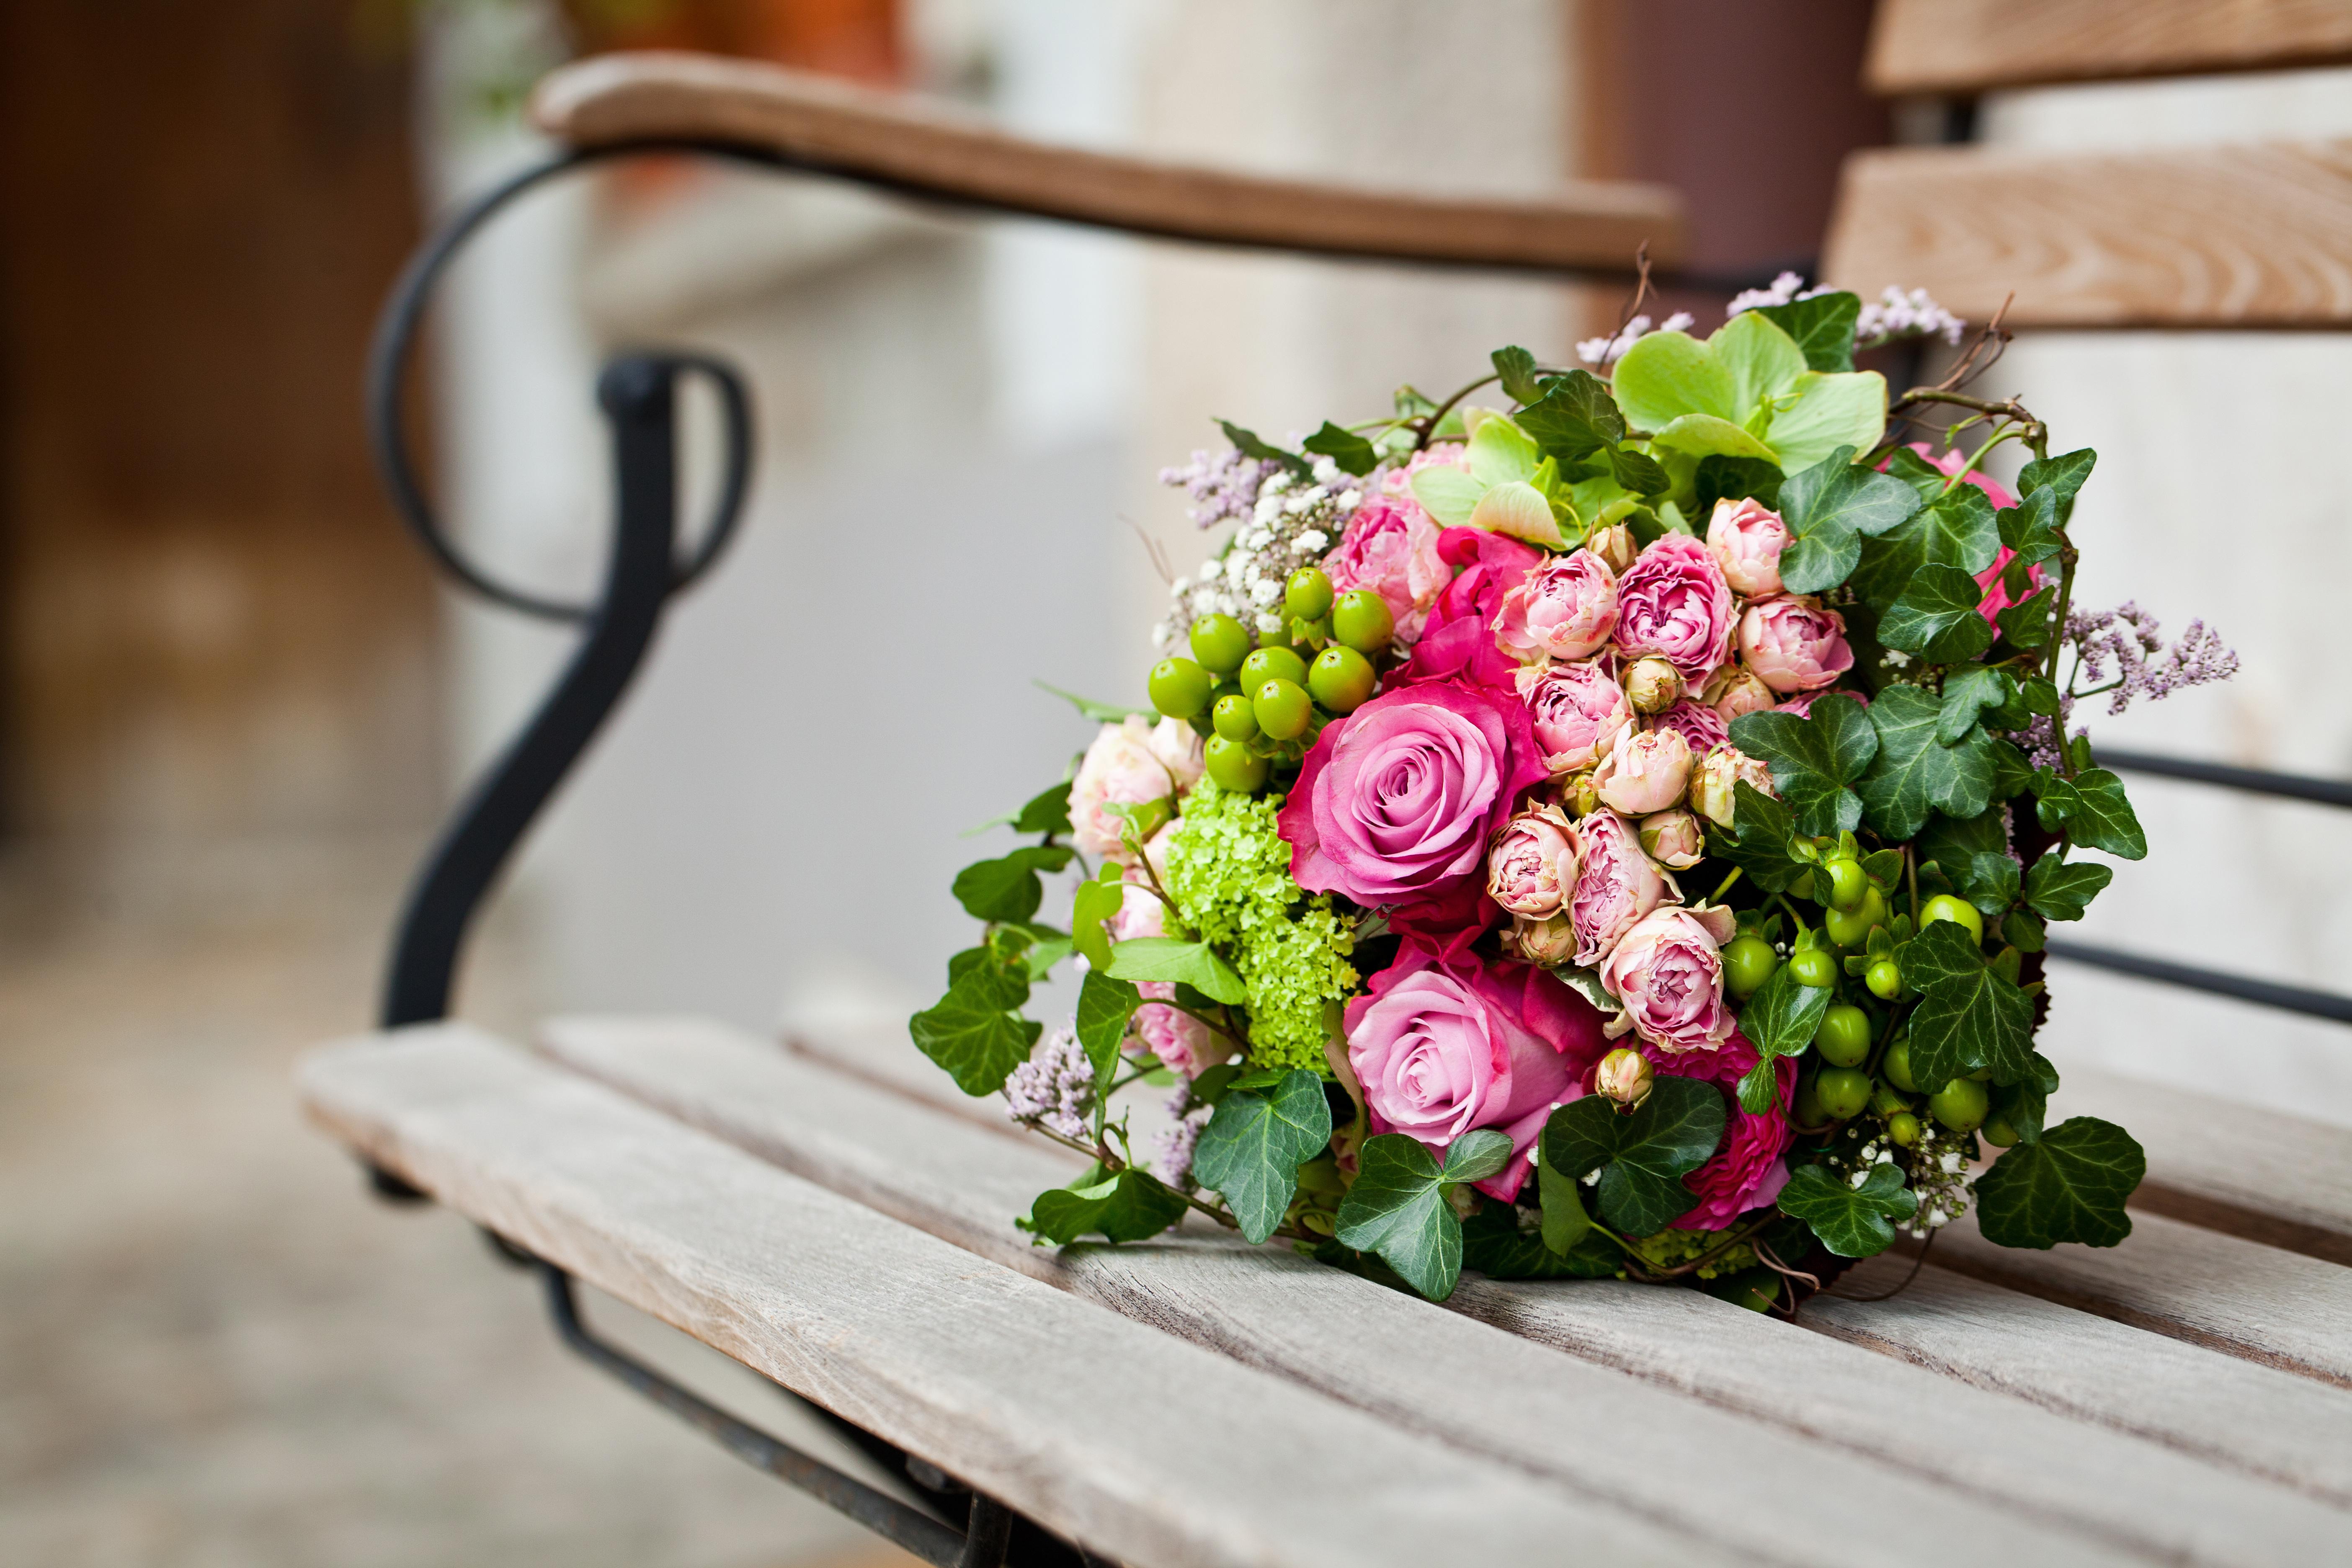 Букет- красиво изогнутые ветки, грозди ягод, желуди, каштаны, многие виды трав и, конечно, ваша фантазия!